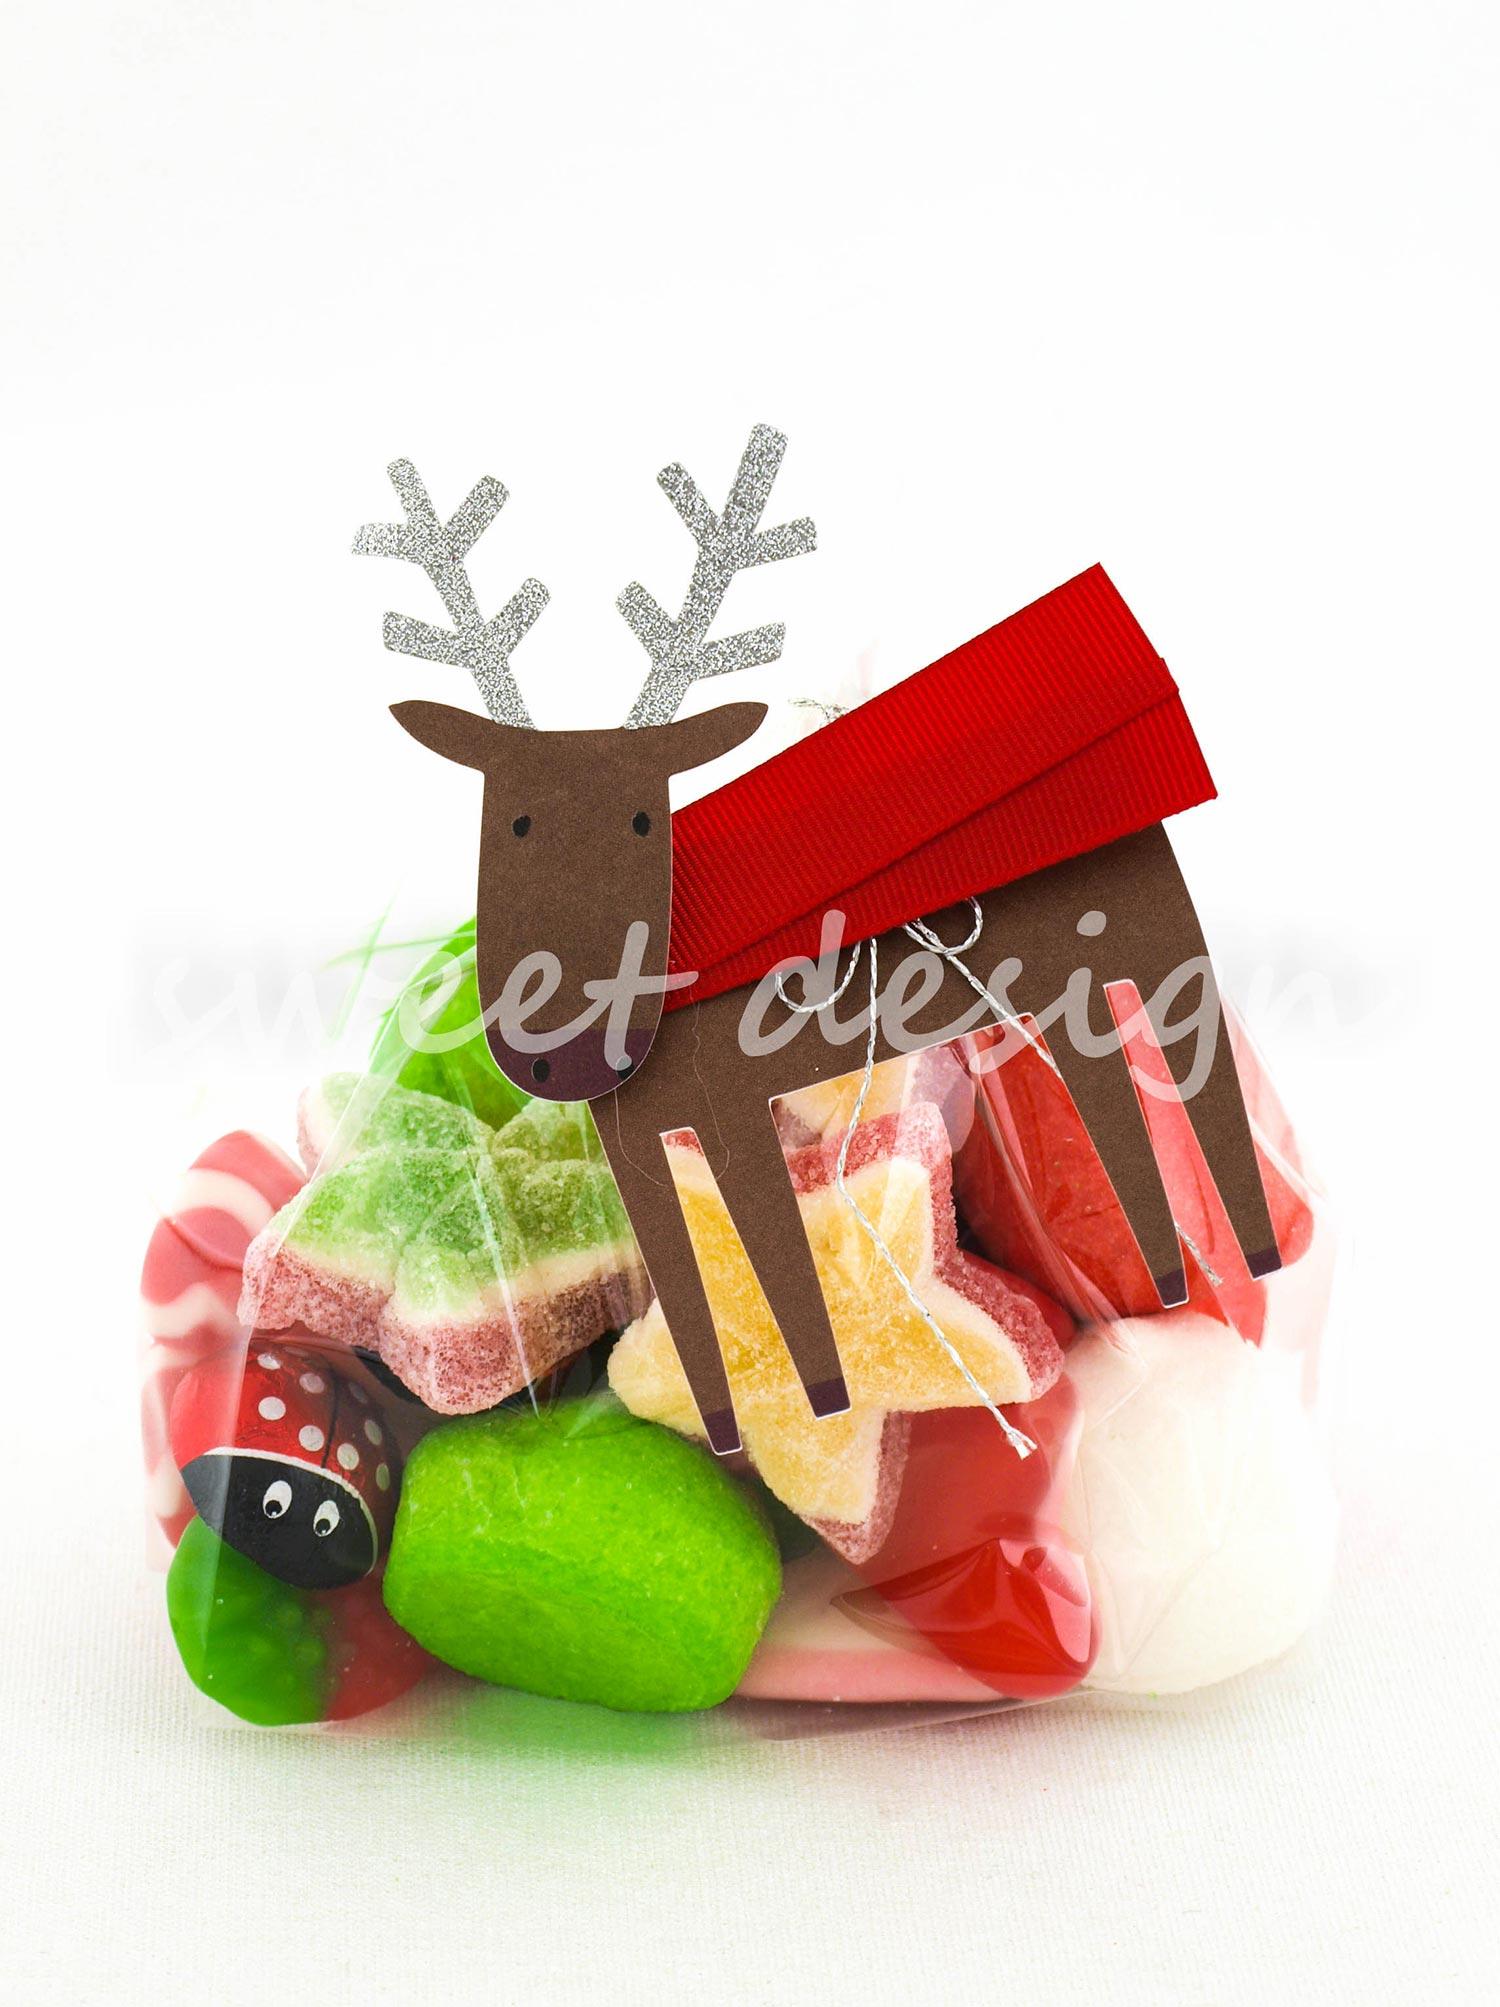 Adornos para regalos adornos rbol de navidad idea n oso para decorar regalos bautizo crea - Adornos para regalar en navidad ...